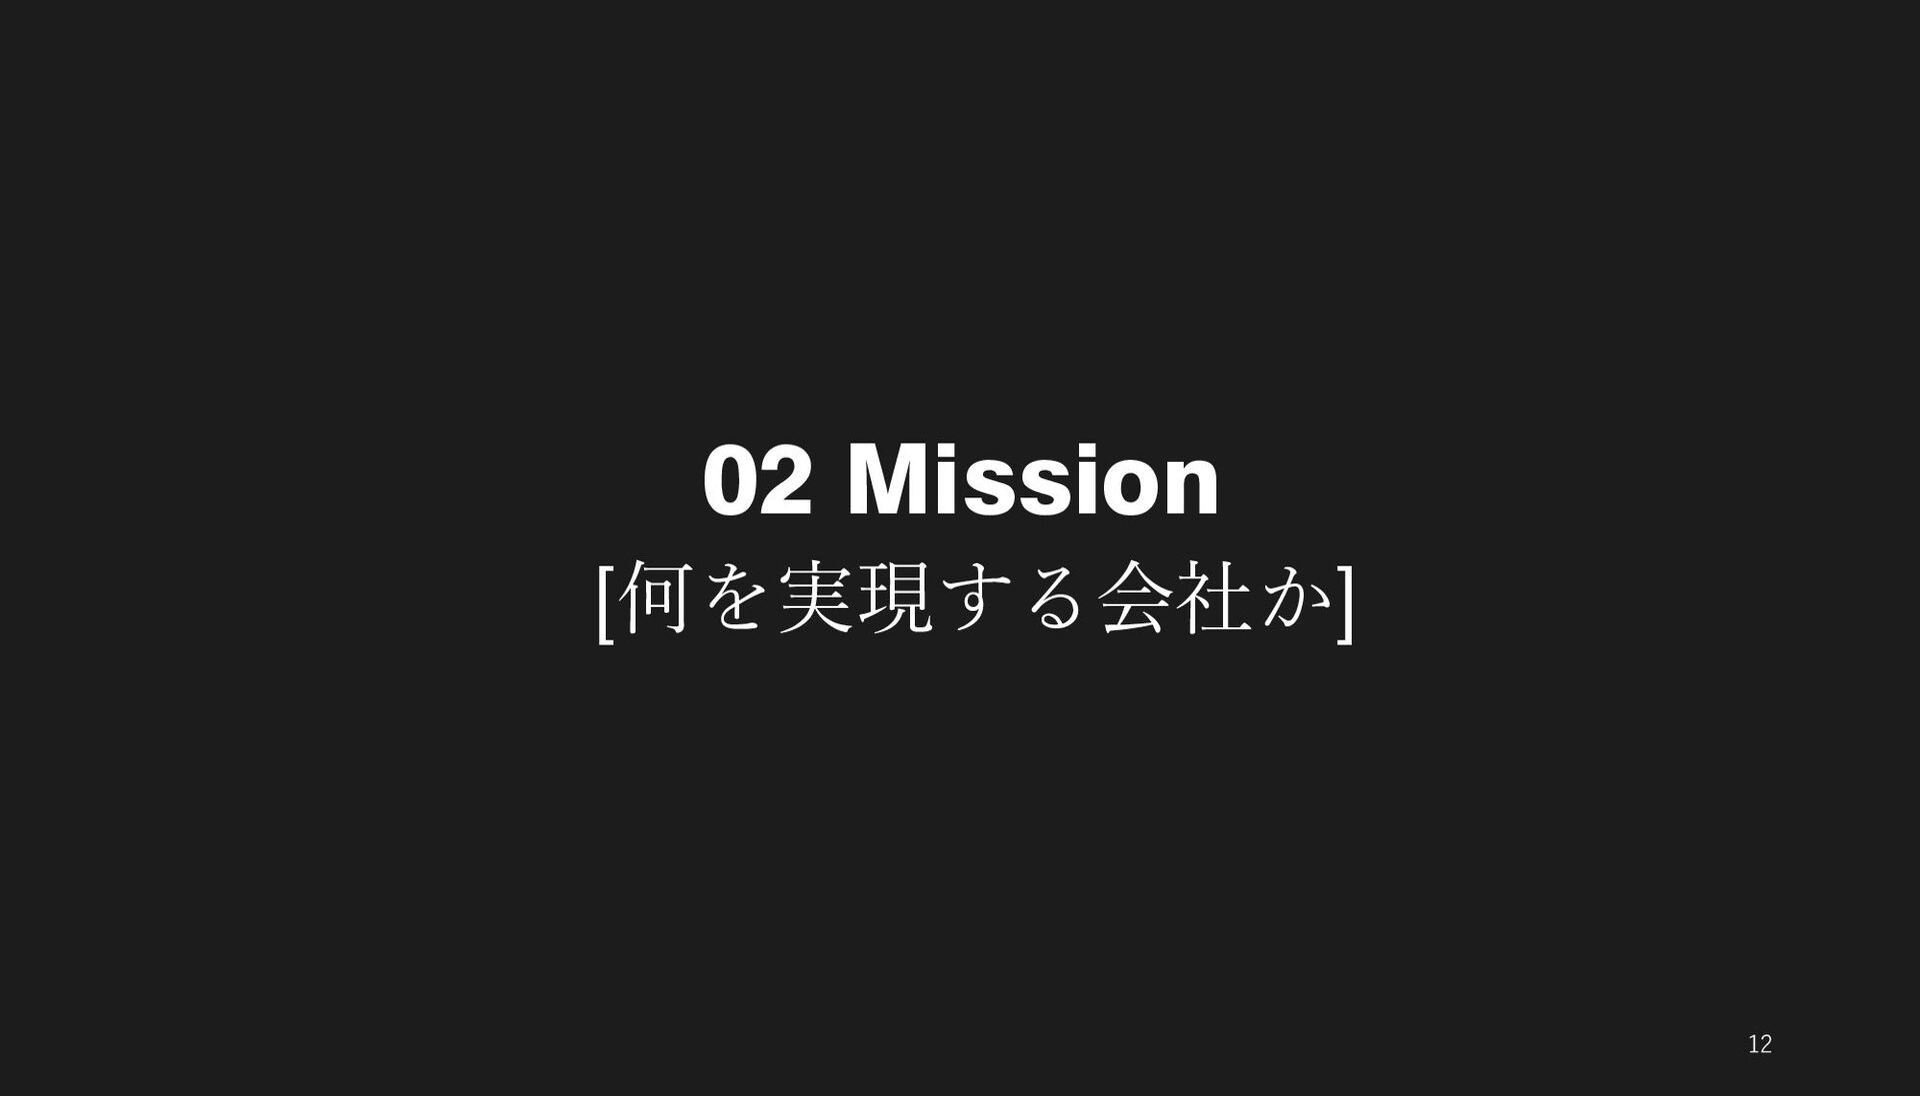 2020年1月 株式会社WhiteBox 設立 自社サービス・グループ会社 未来 02 一次、...